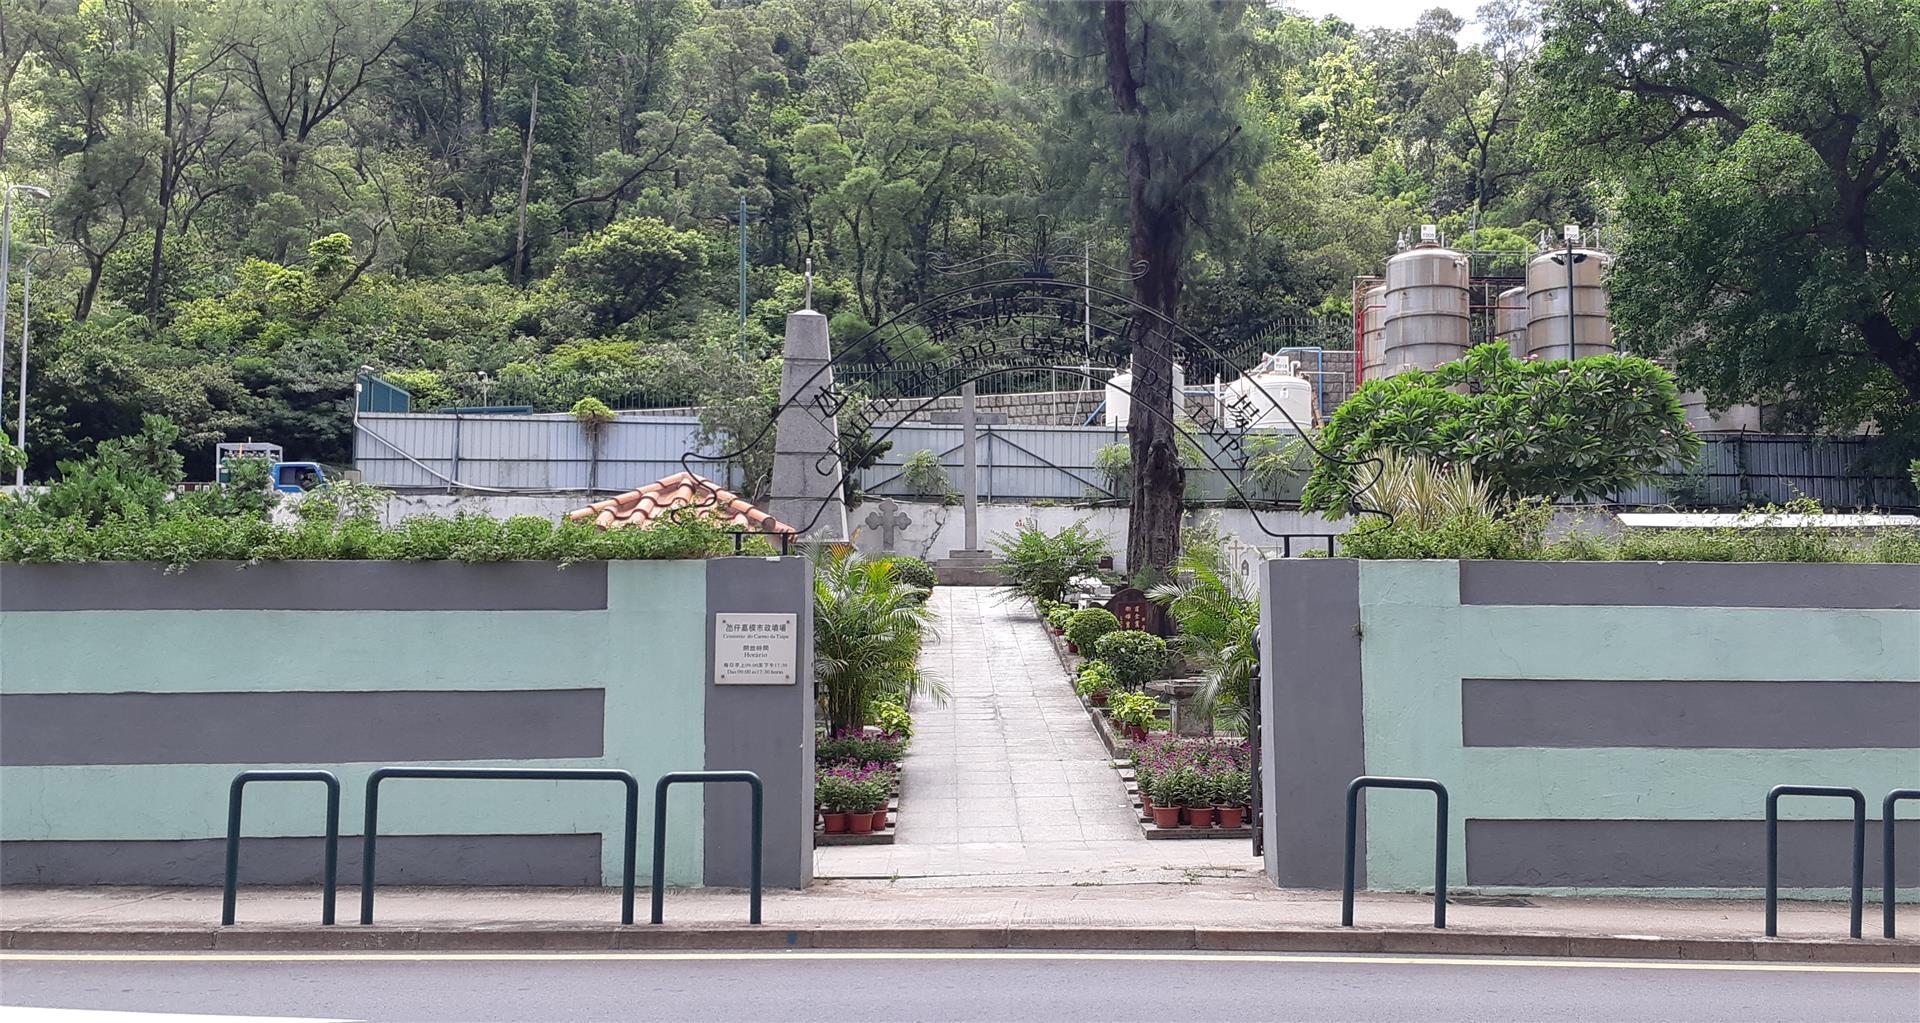 Taipa Carmo Municipal Cemetery